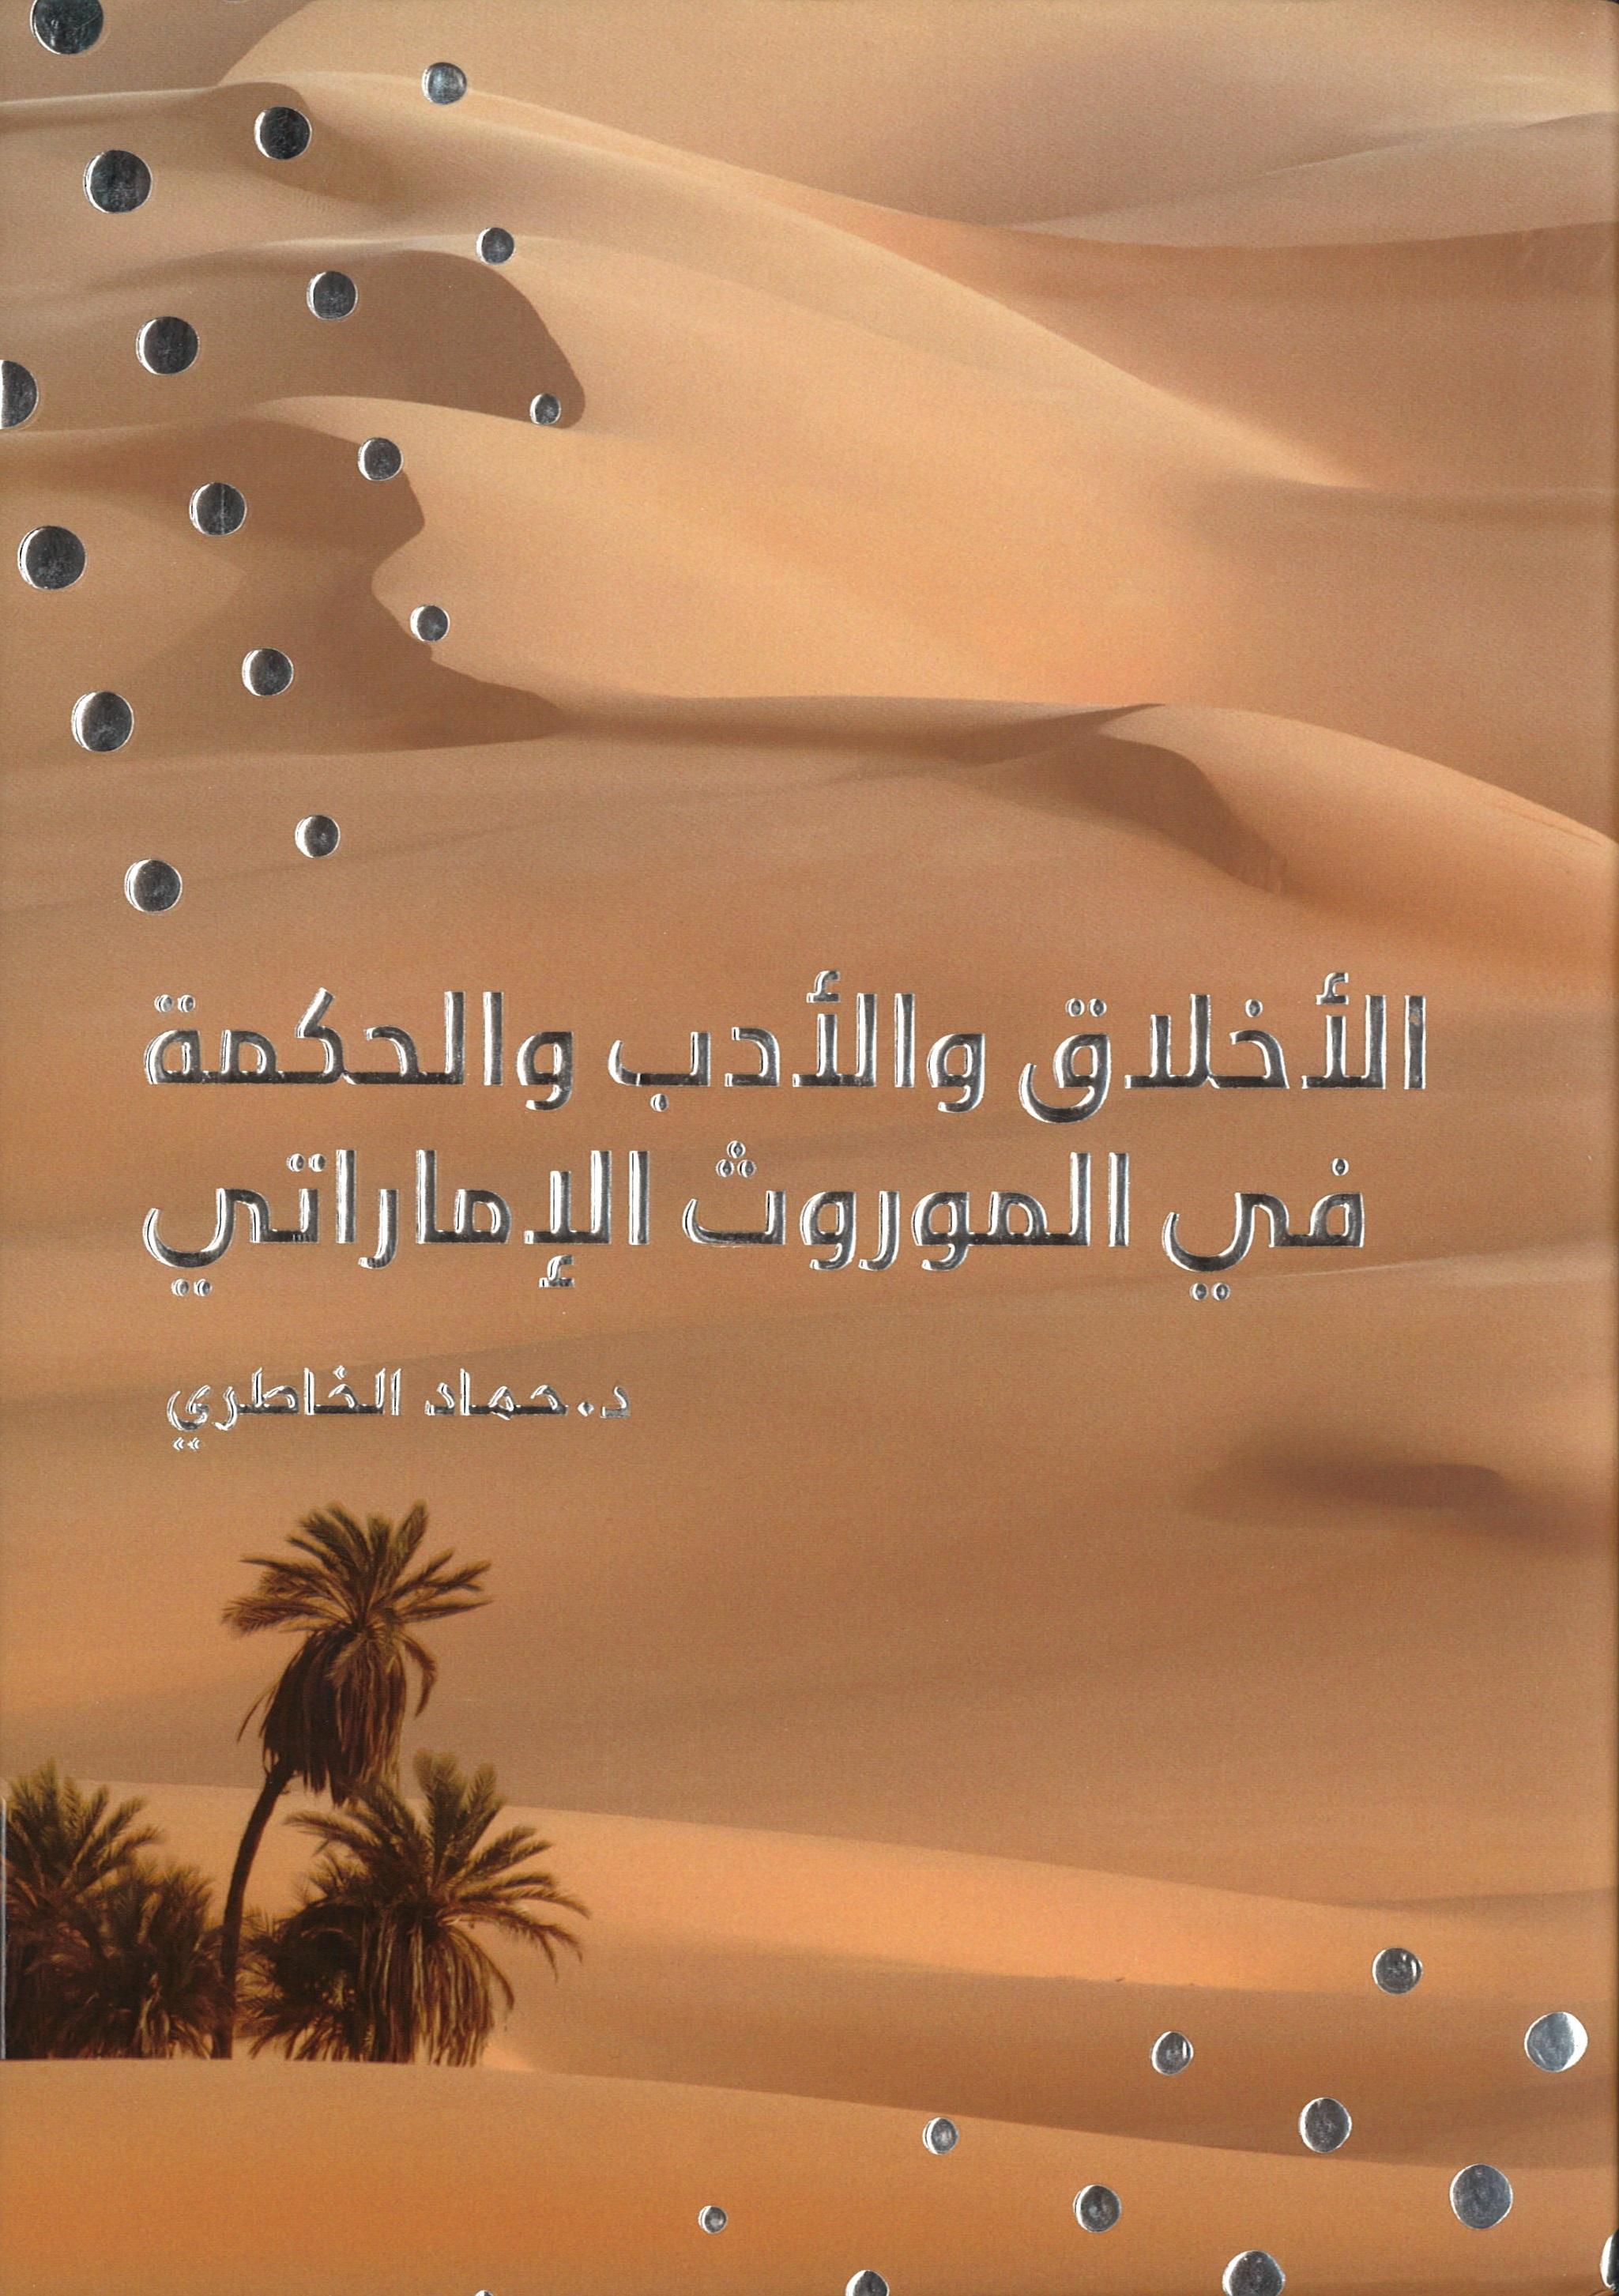 الأخلاق والأدب والحكمة في الموروث الإماراتي